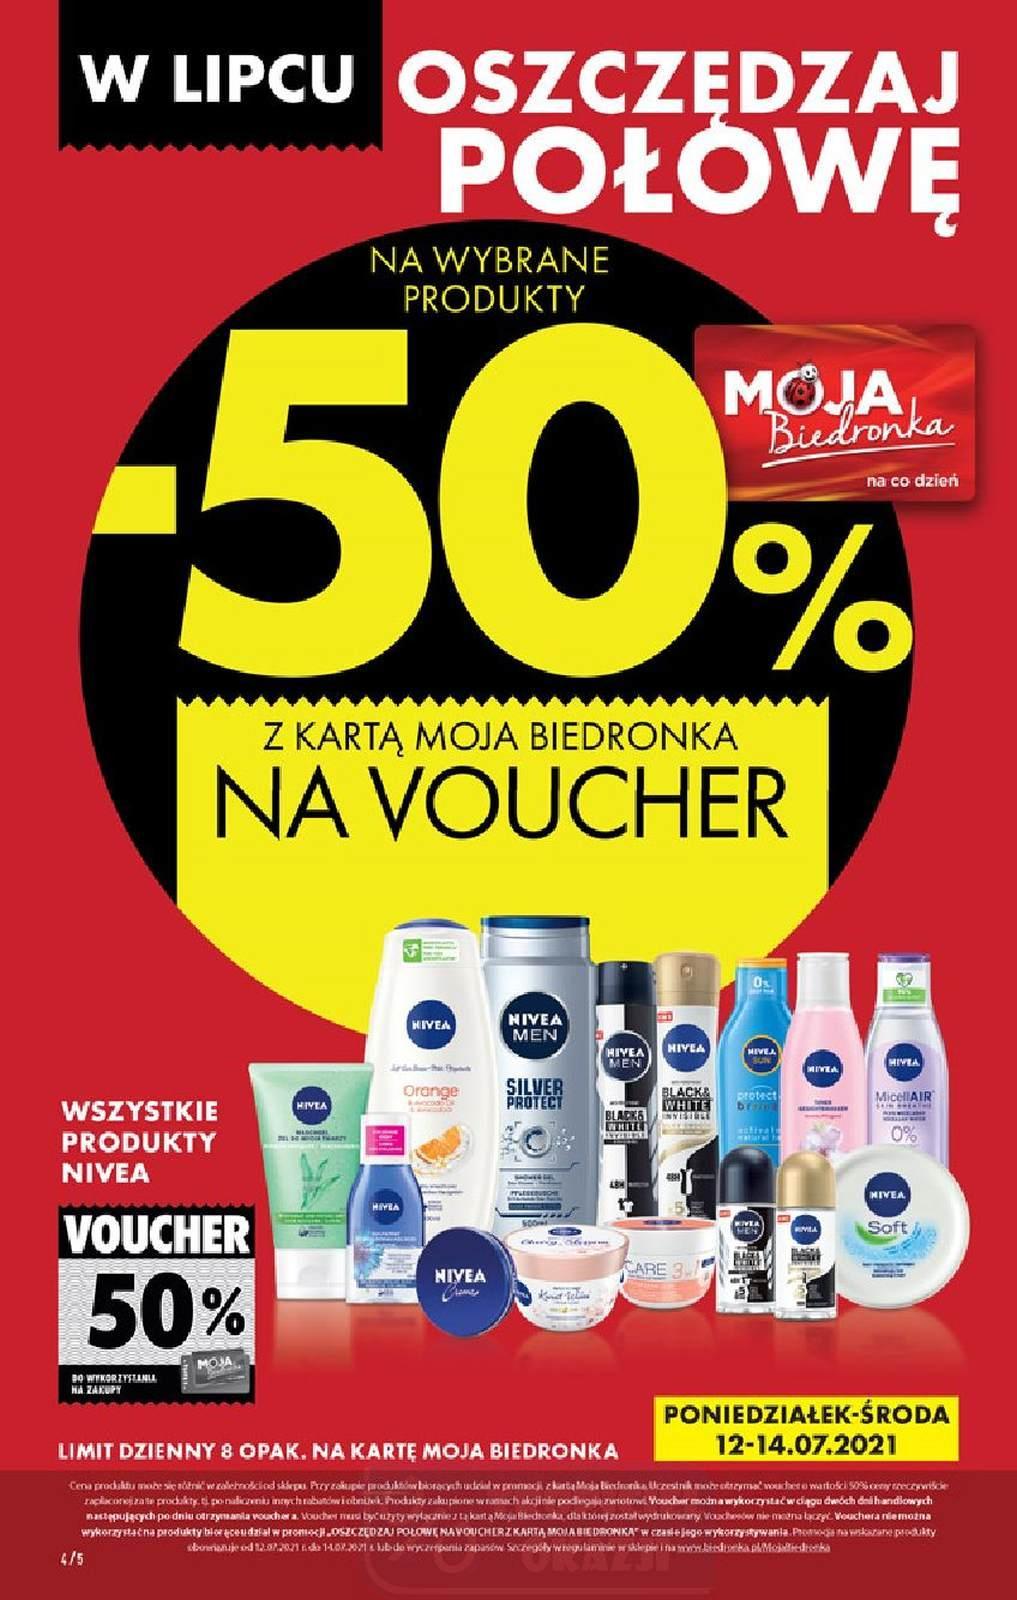 Biedronka Wszystkie produkty Nivea zwrot 50% na voucher